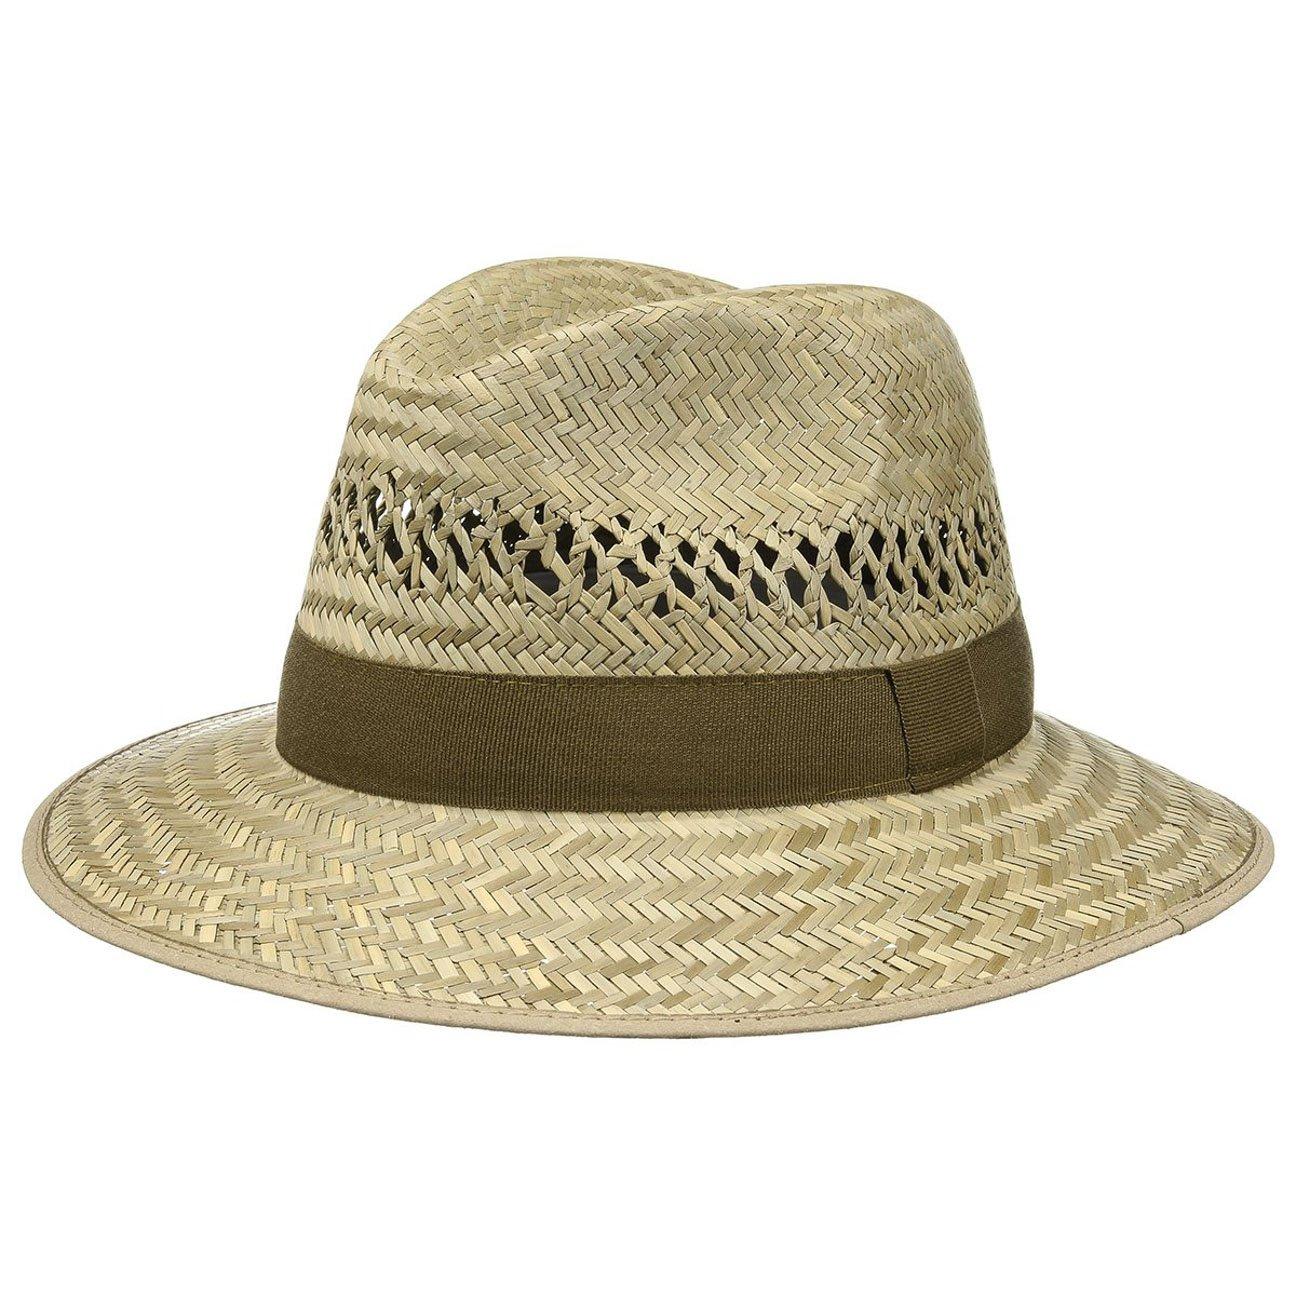 Cappello traveller da vendemmia da uomo | Cappello estivo in 100% paglia | Traveller 55-61 cm | Cappellino di paglia con pistagna e fascia in gros-grain | Cappello da sole prodotto in Italia